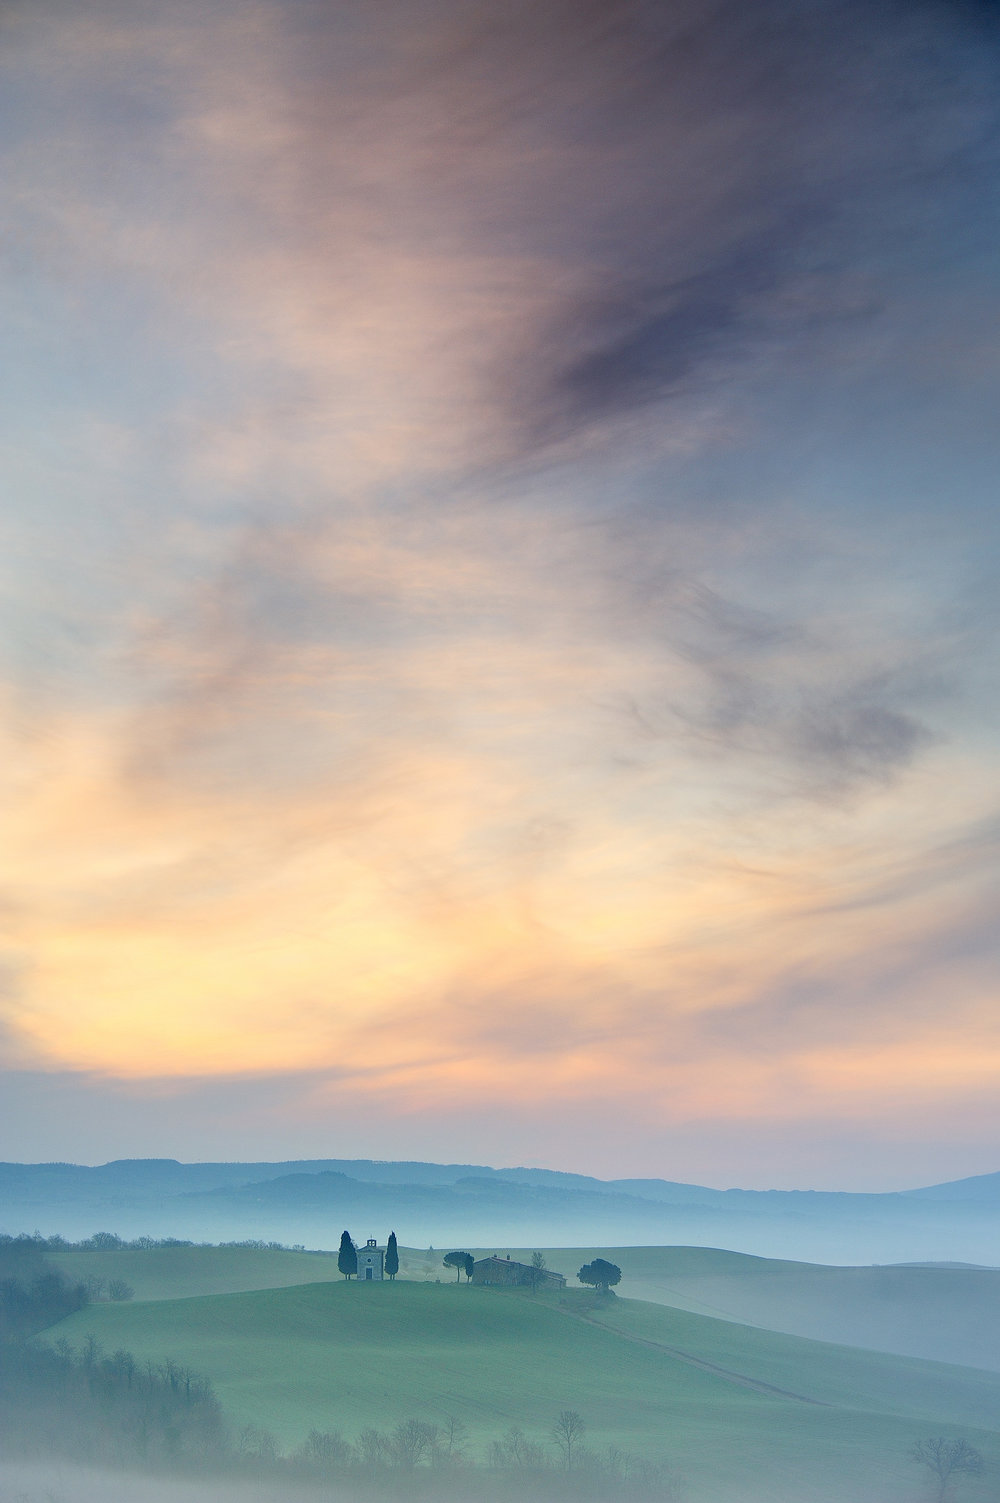 Vitaleta   The picturesque Capella di Vitaleta at dawn